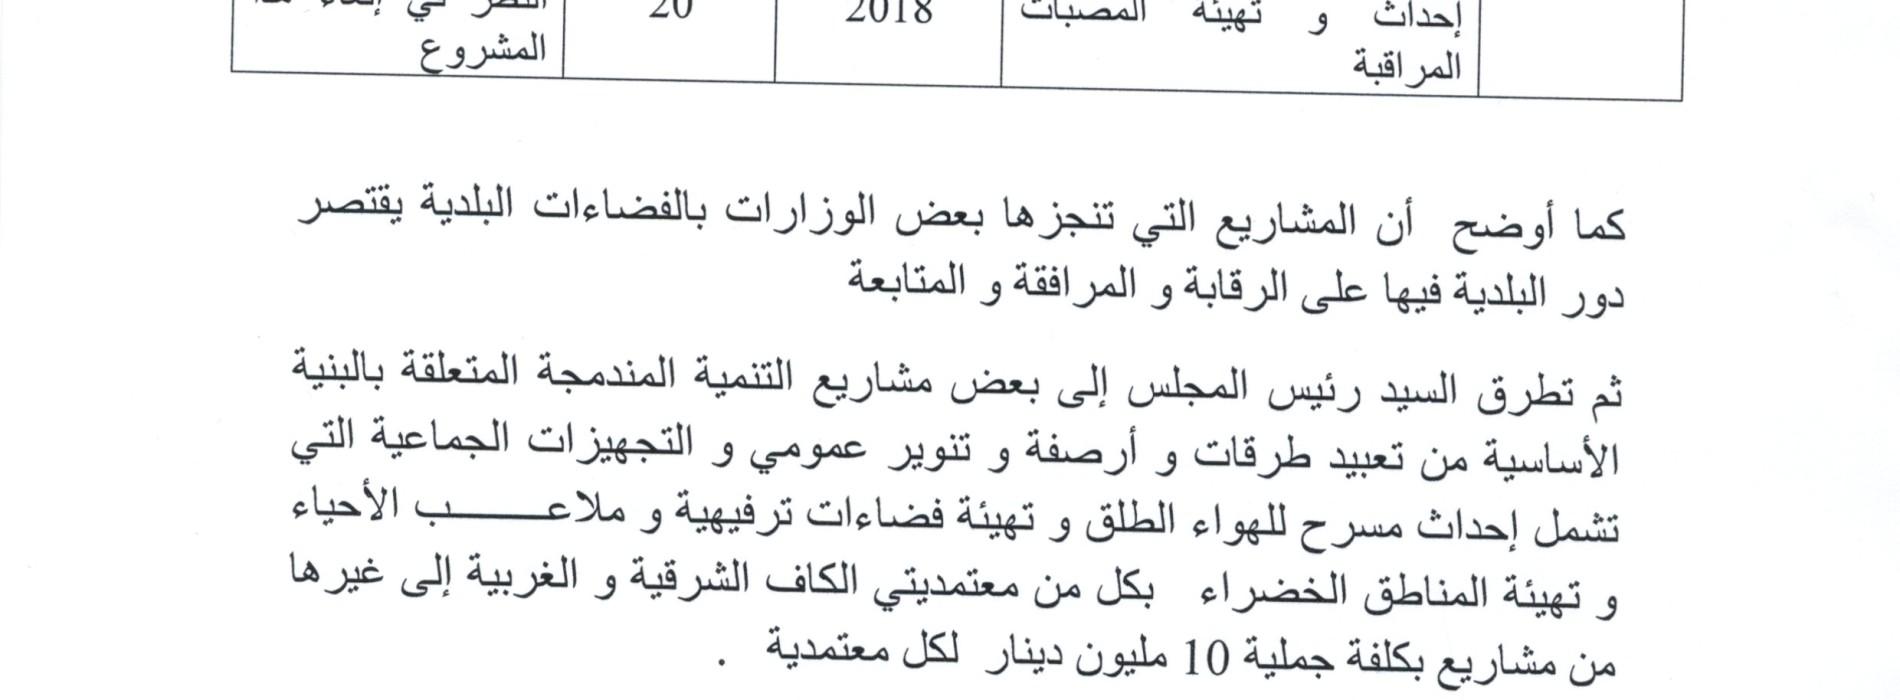 PV de la séance préliminaire de la quatrième session ordinaire 2018